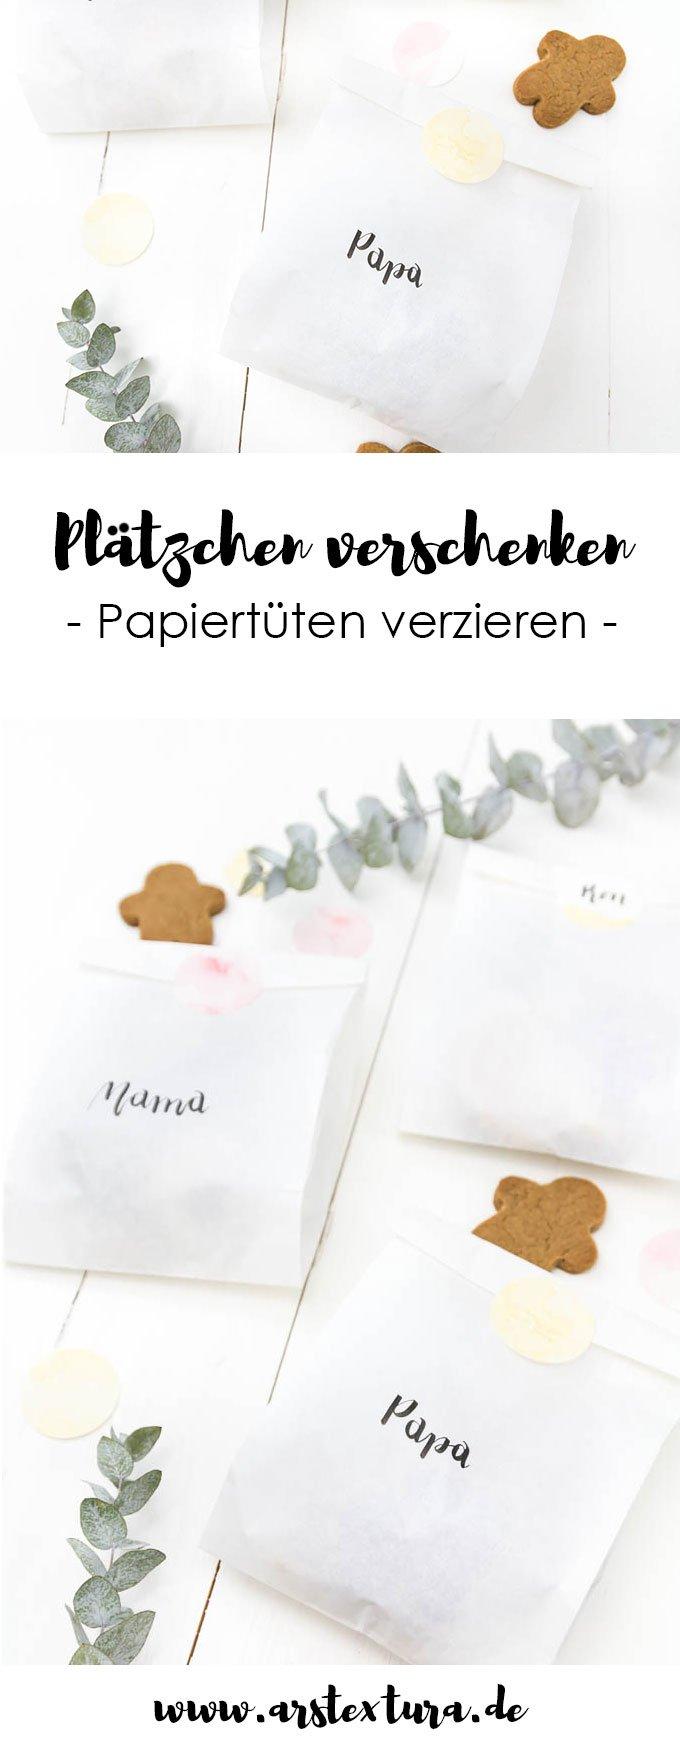 Plätzchen verschenken - Papiertüten mit Handlettering verzieren - Geschenke einfach und günstig verpacken